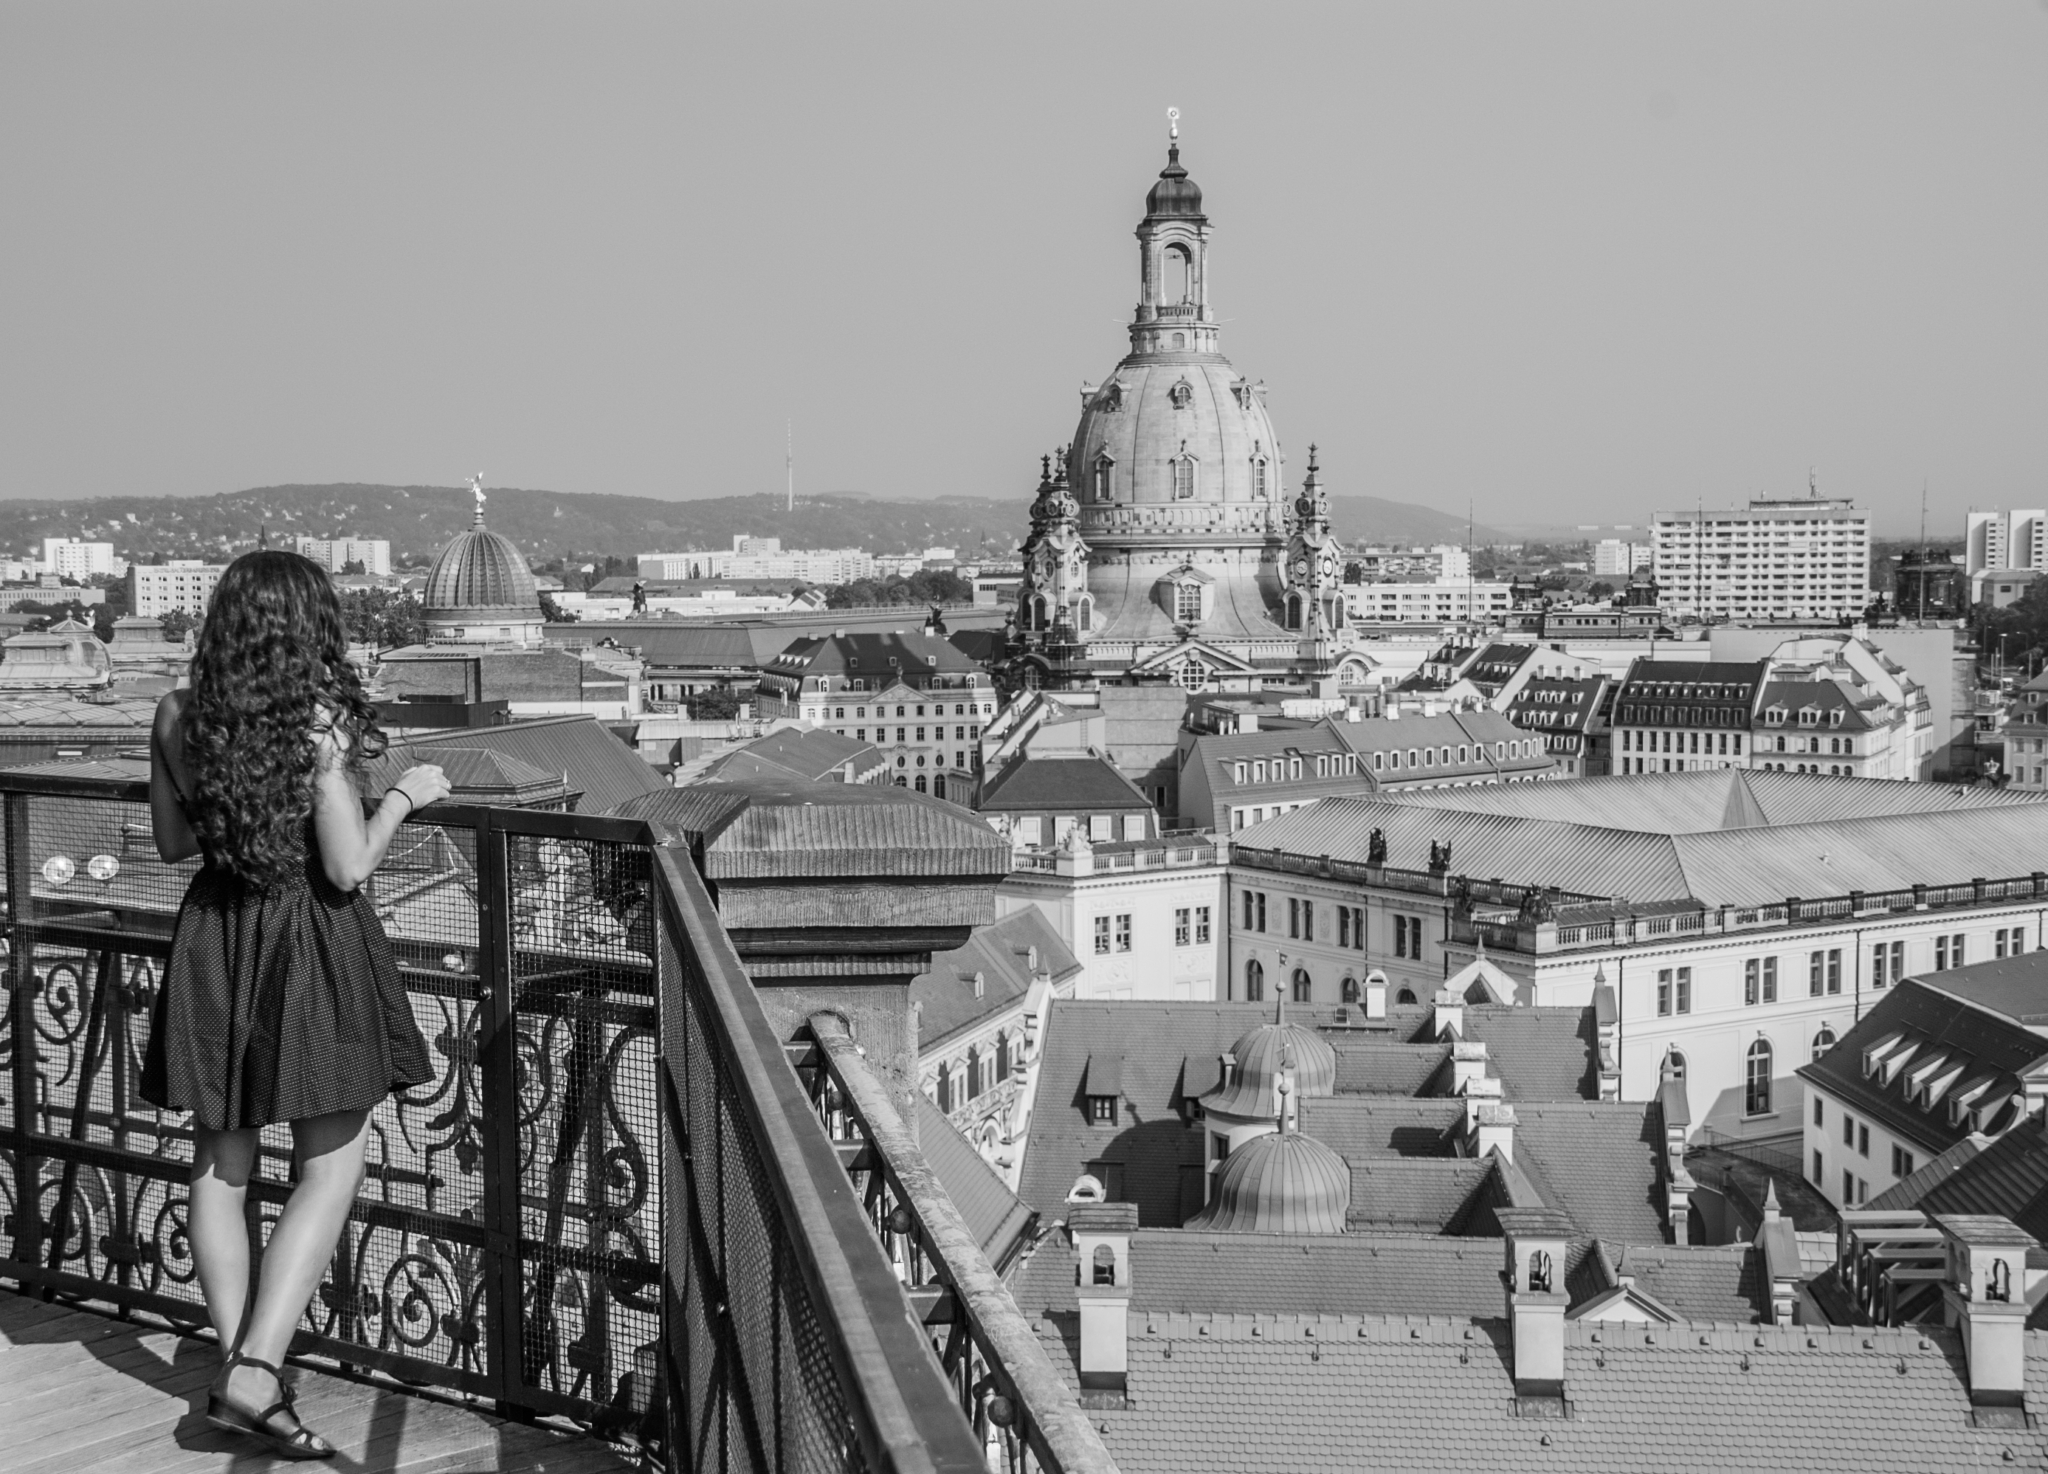 Mooi uitzicht over de binnenstad van Dresden